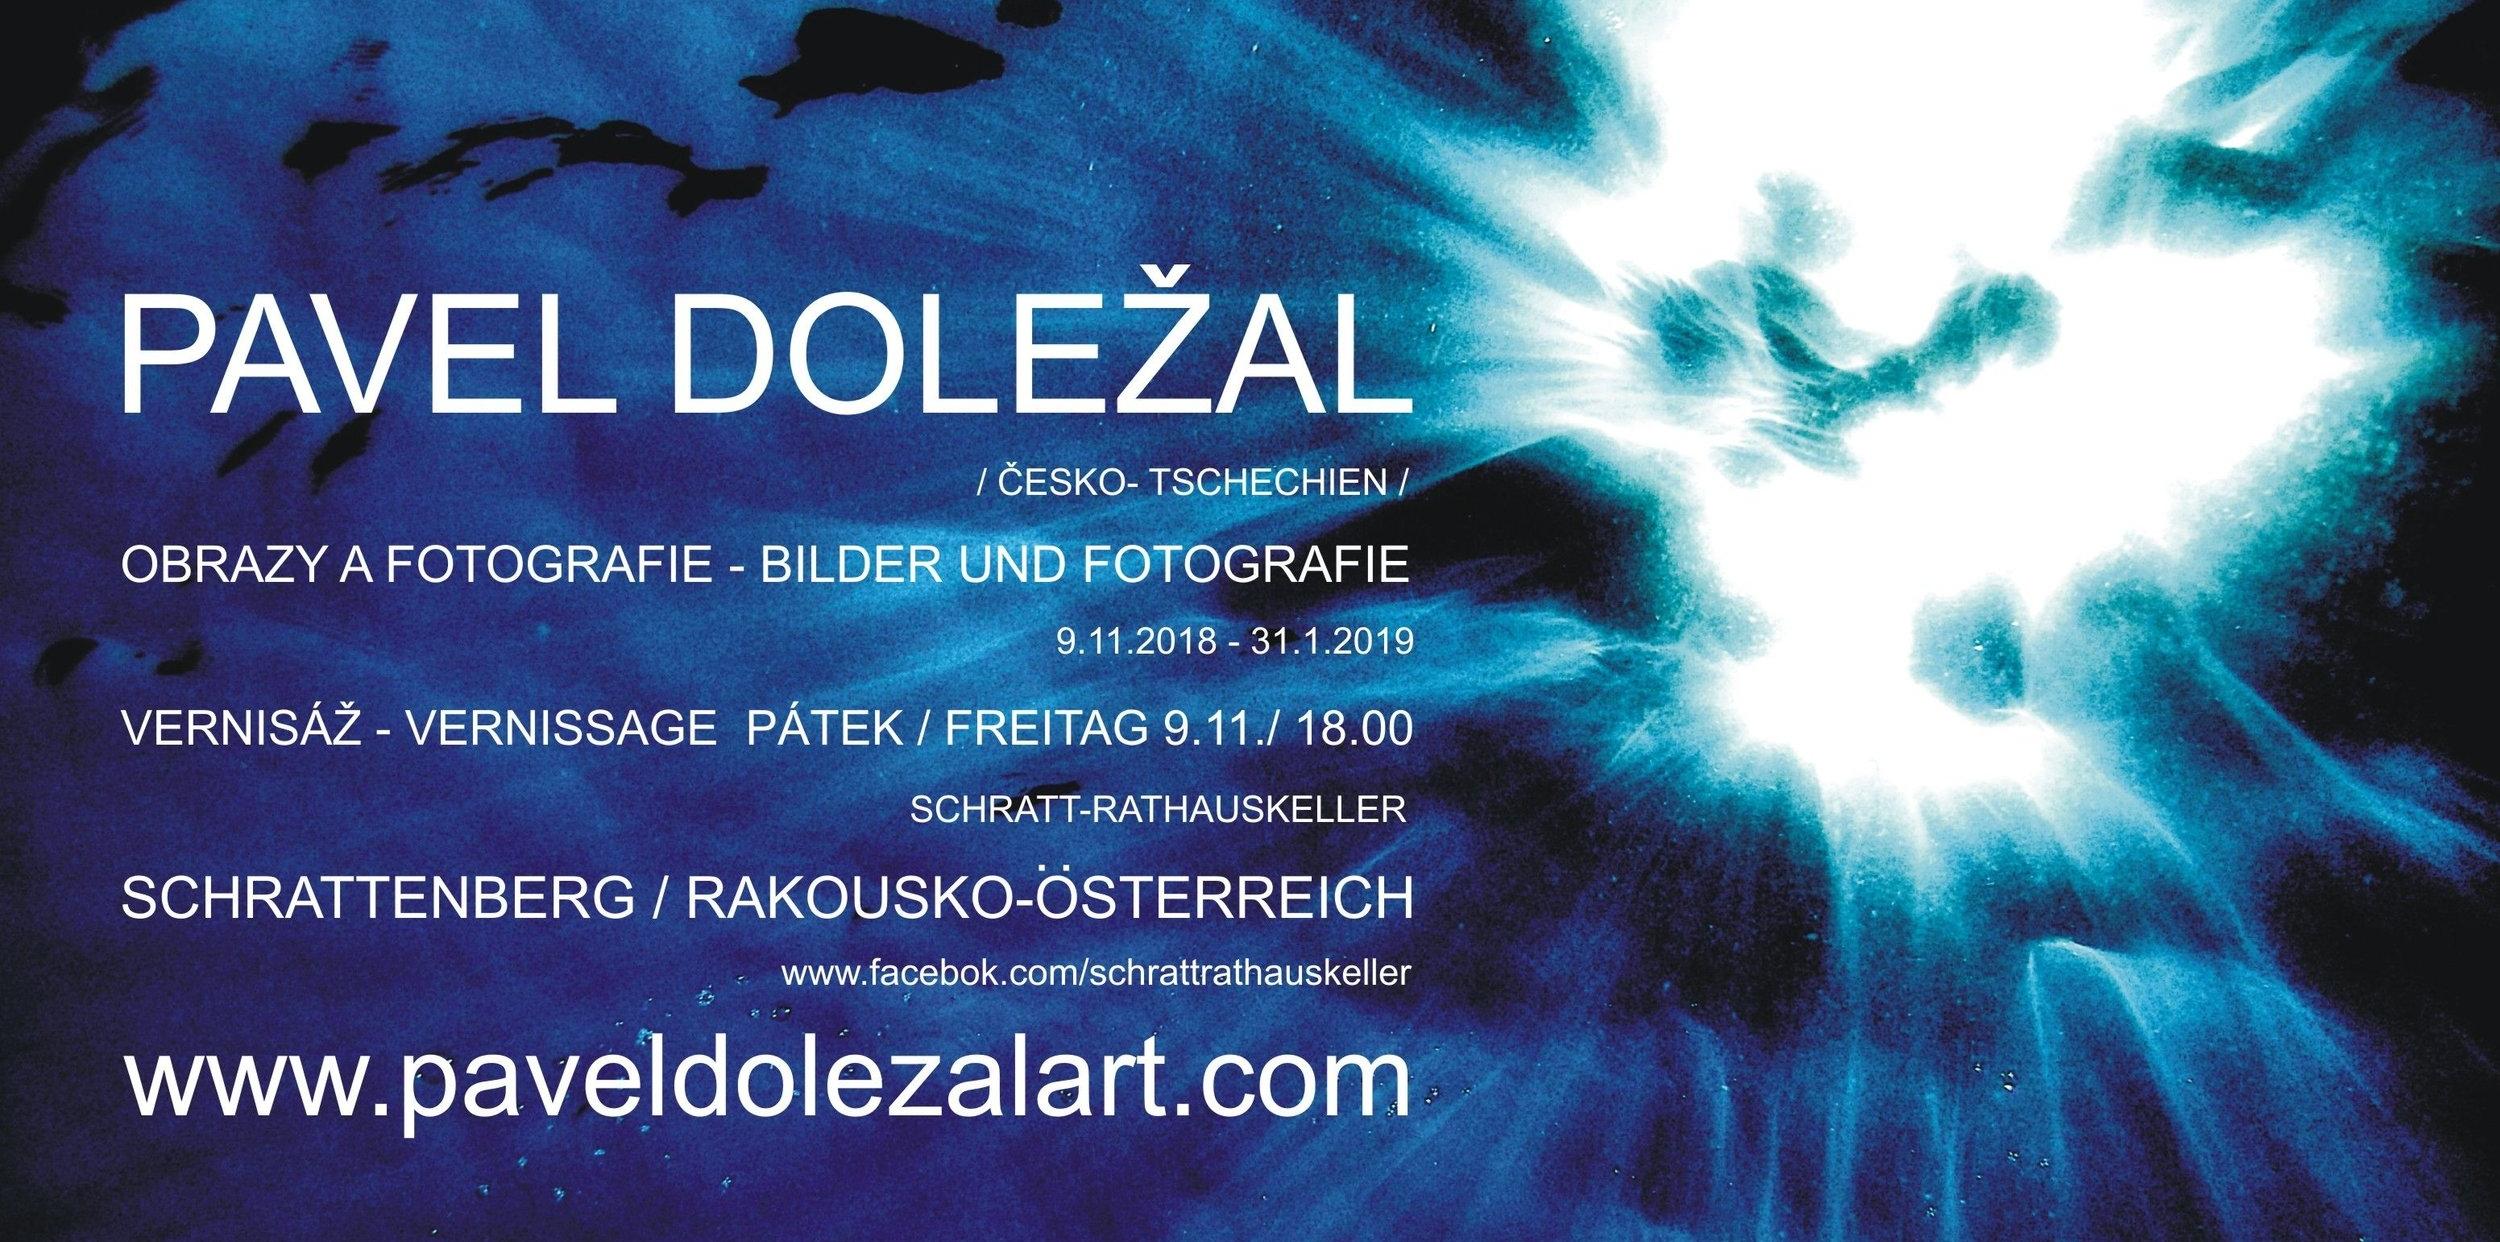 Pozvánka na výstavu ve Schrattenbergu / Invitation for the exhibition in Schrattenberg